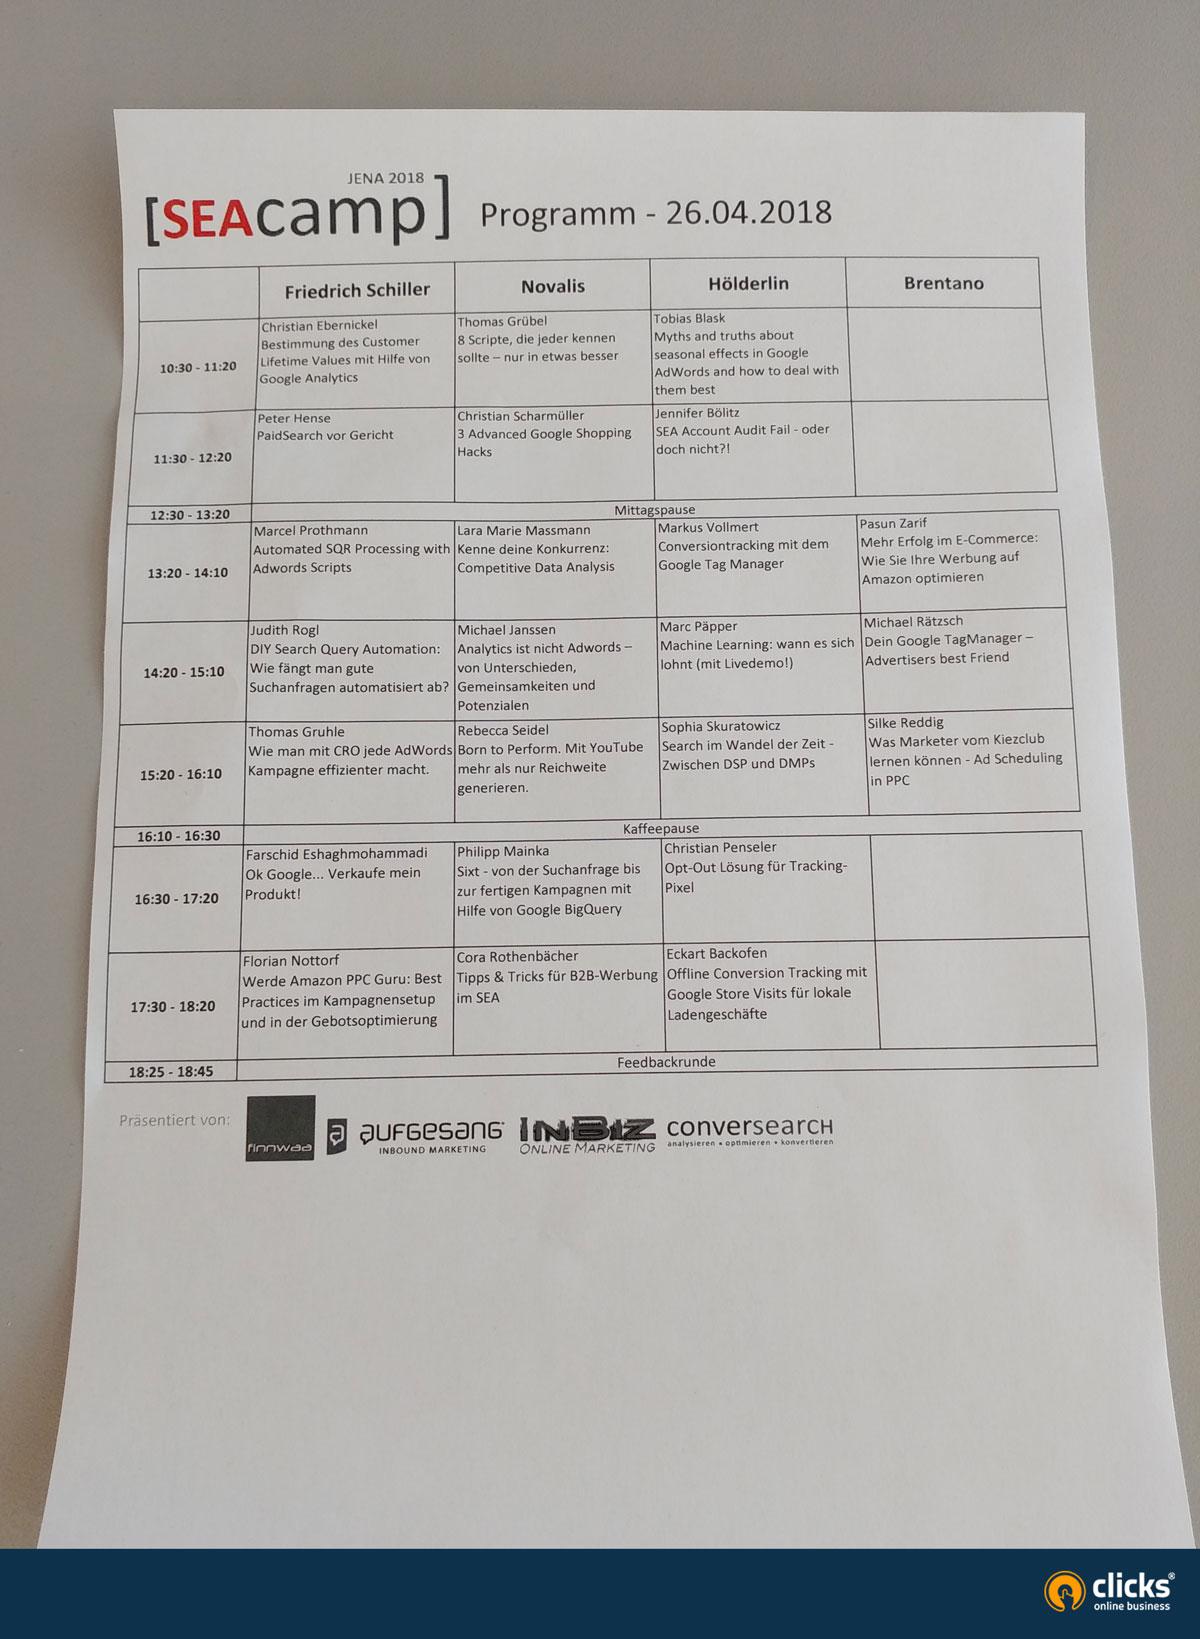 SEAcamp Sessionplan 2018